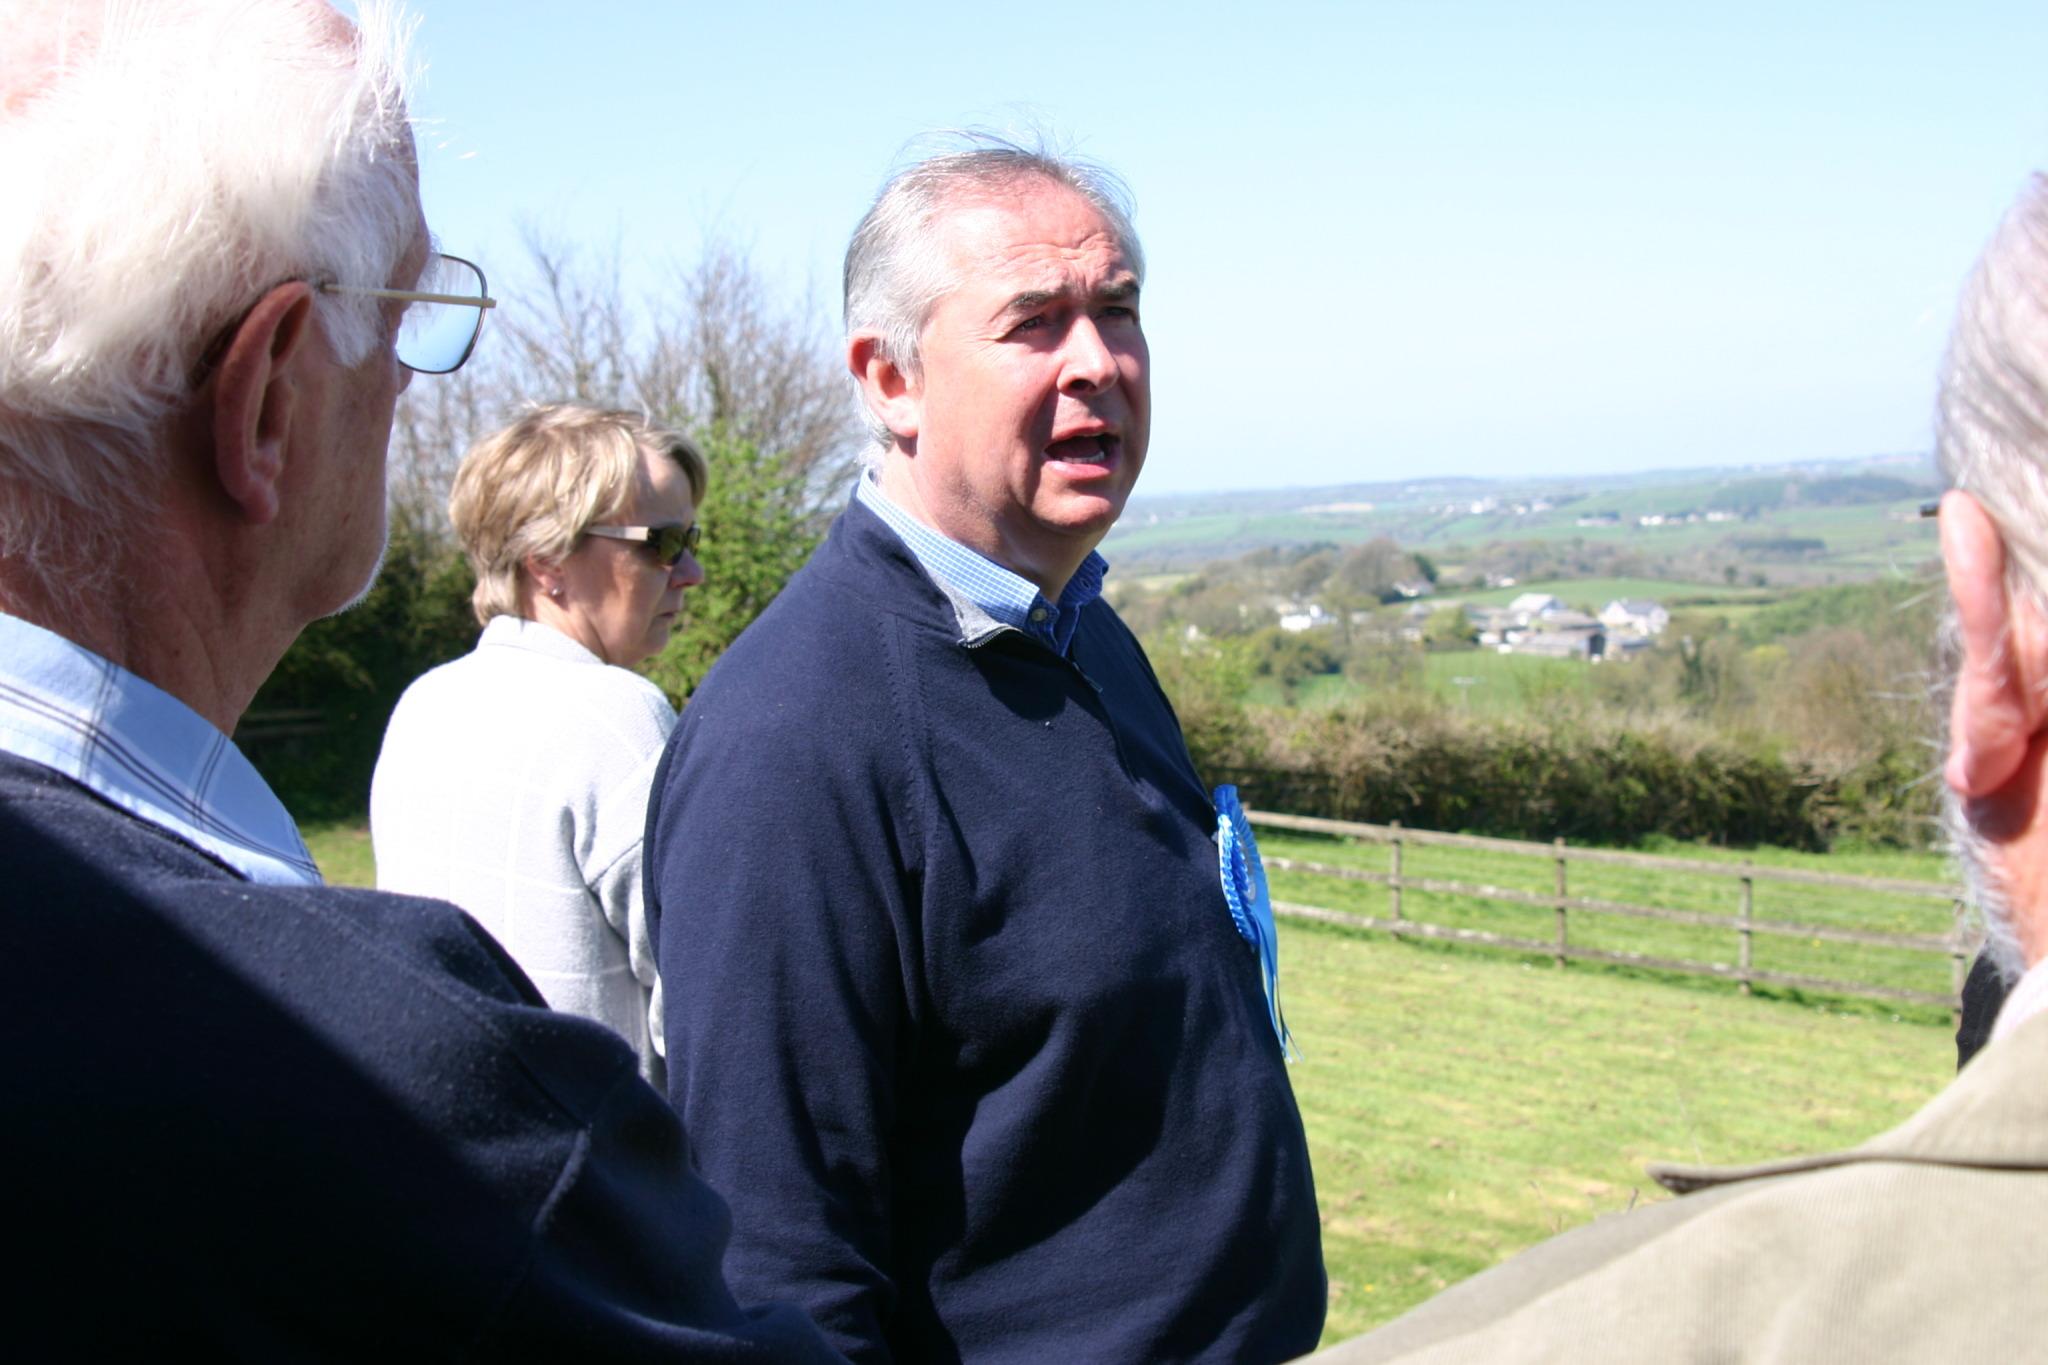 Conservative candidate Geoffrey Cox